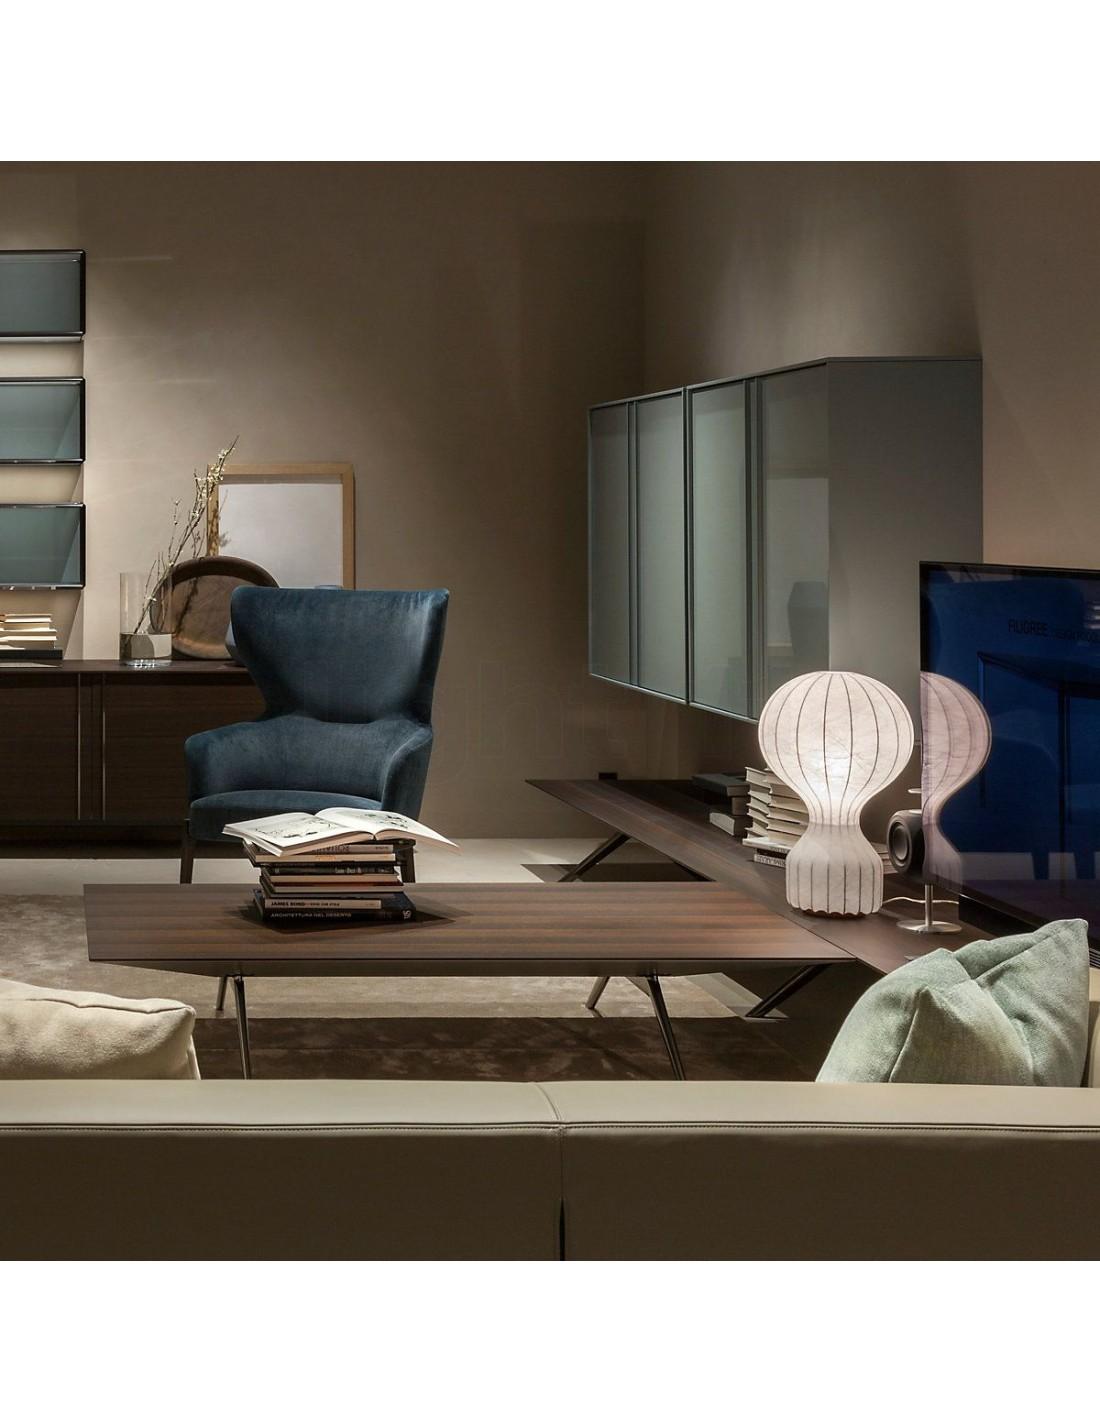 lampe de table gatto de flos Valente Design